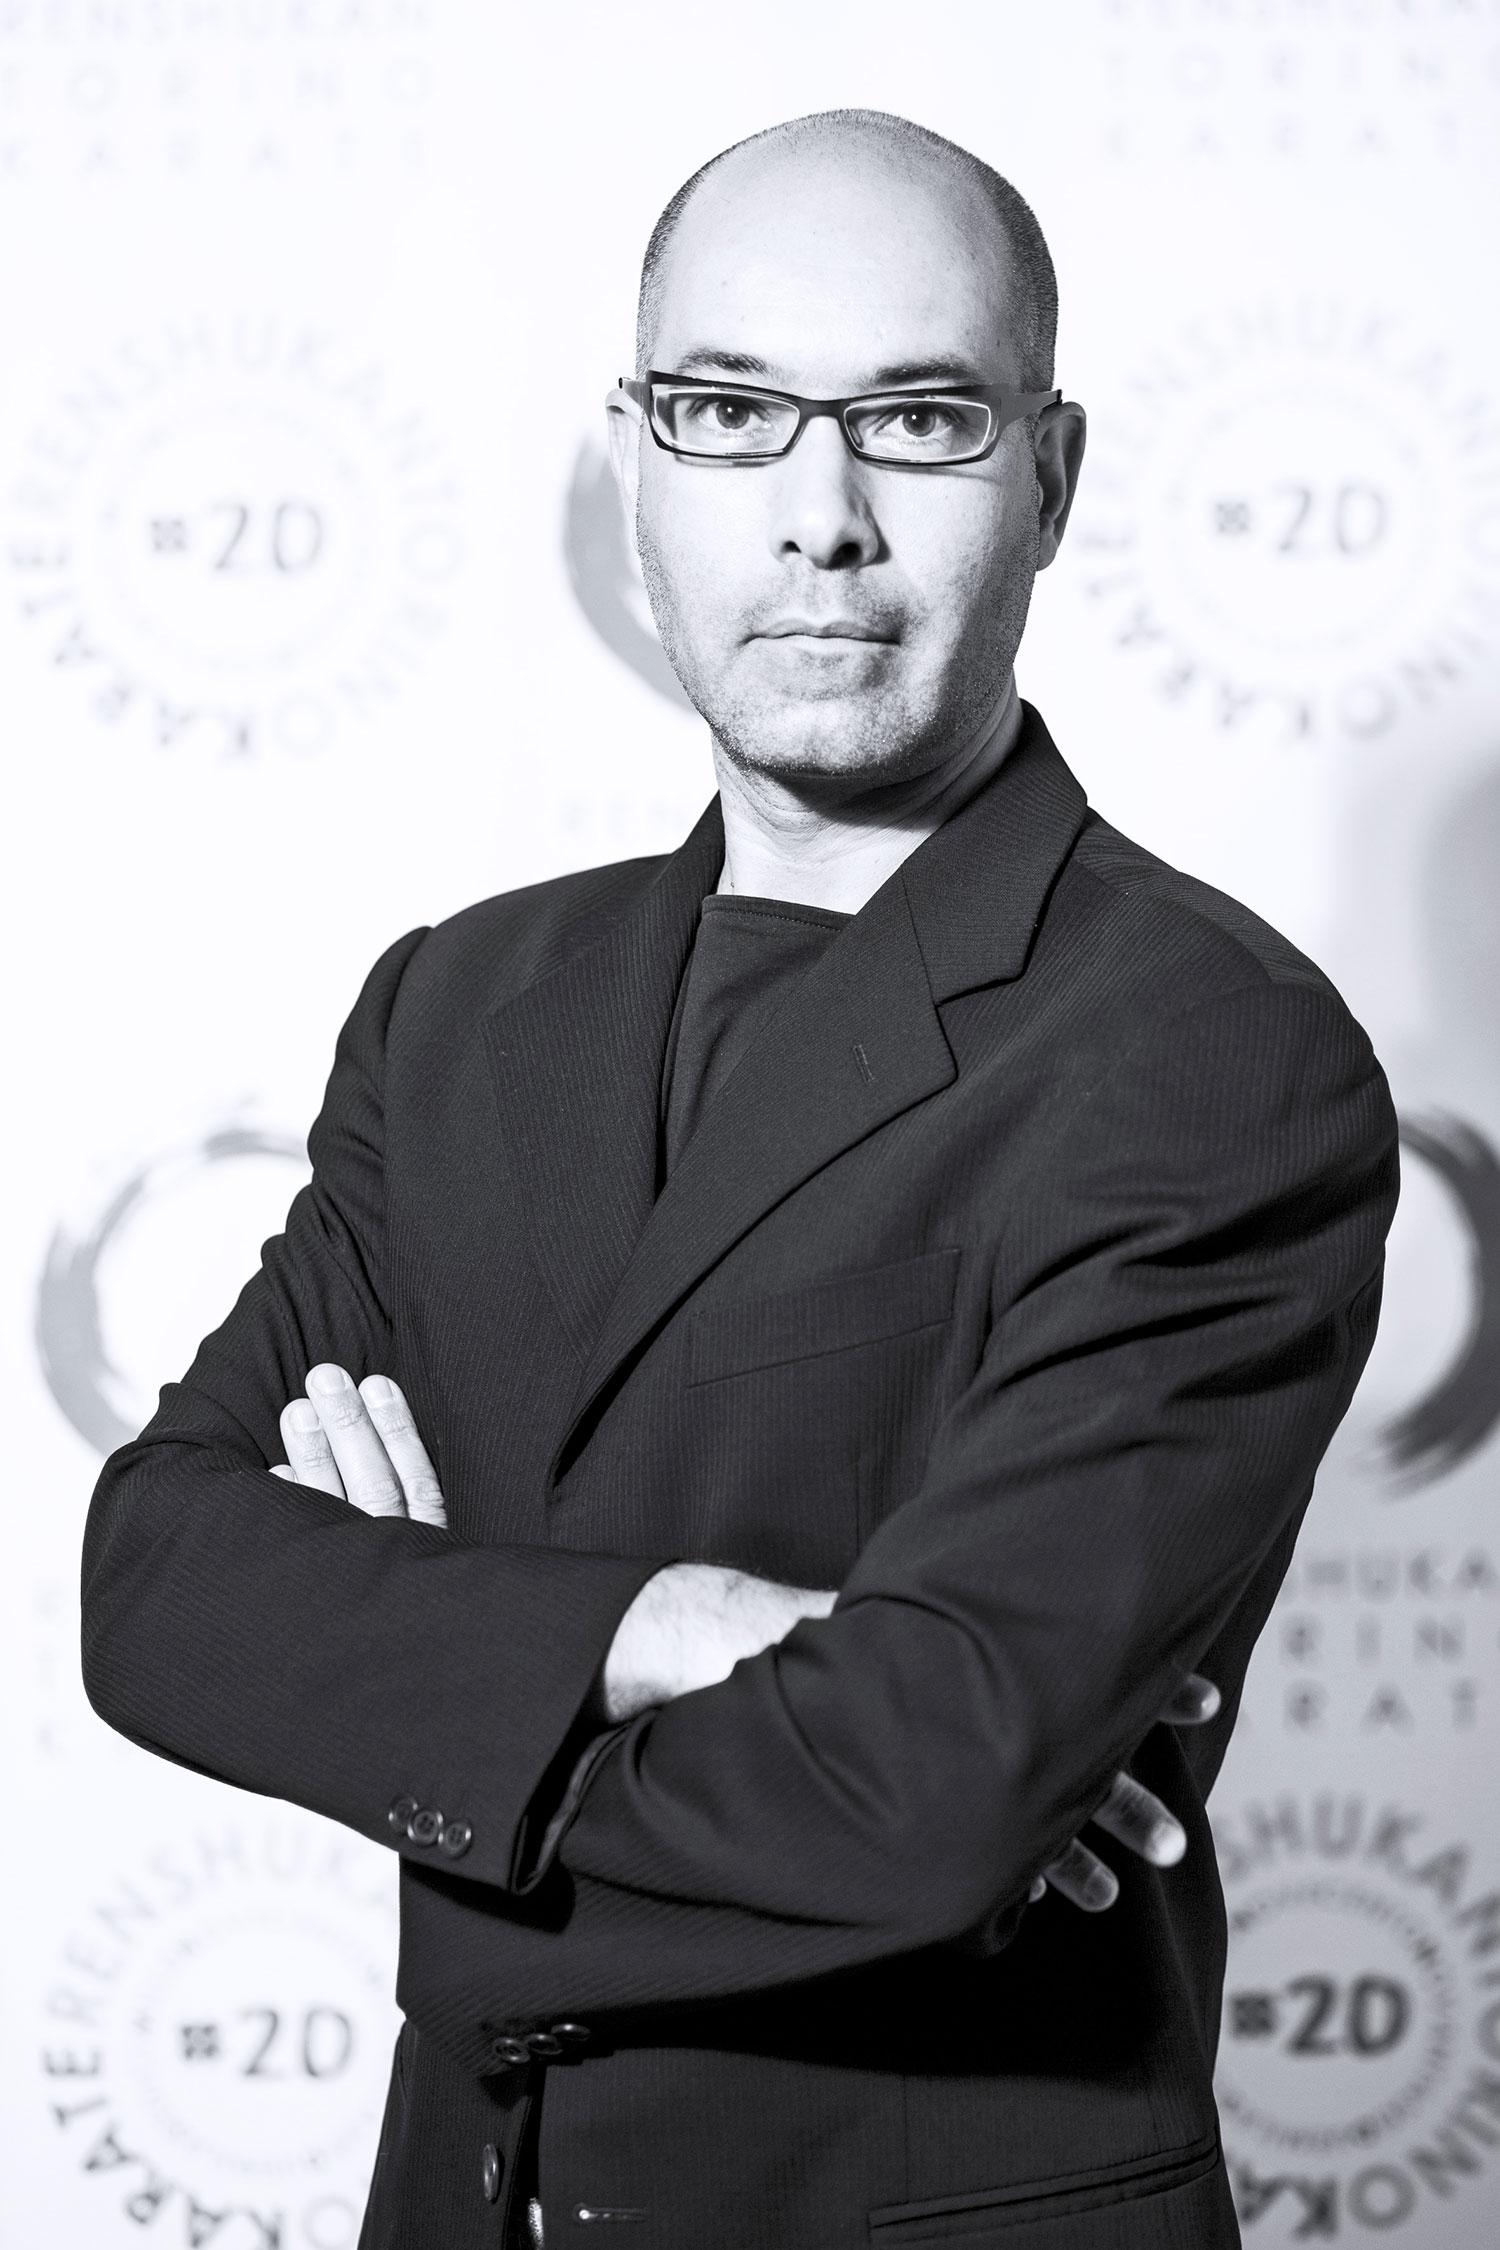 Fabrizio Pellegrino